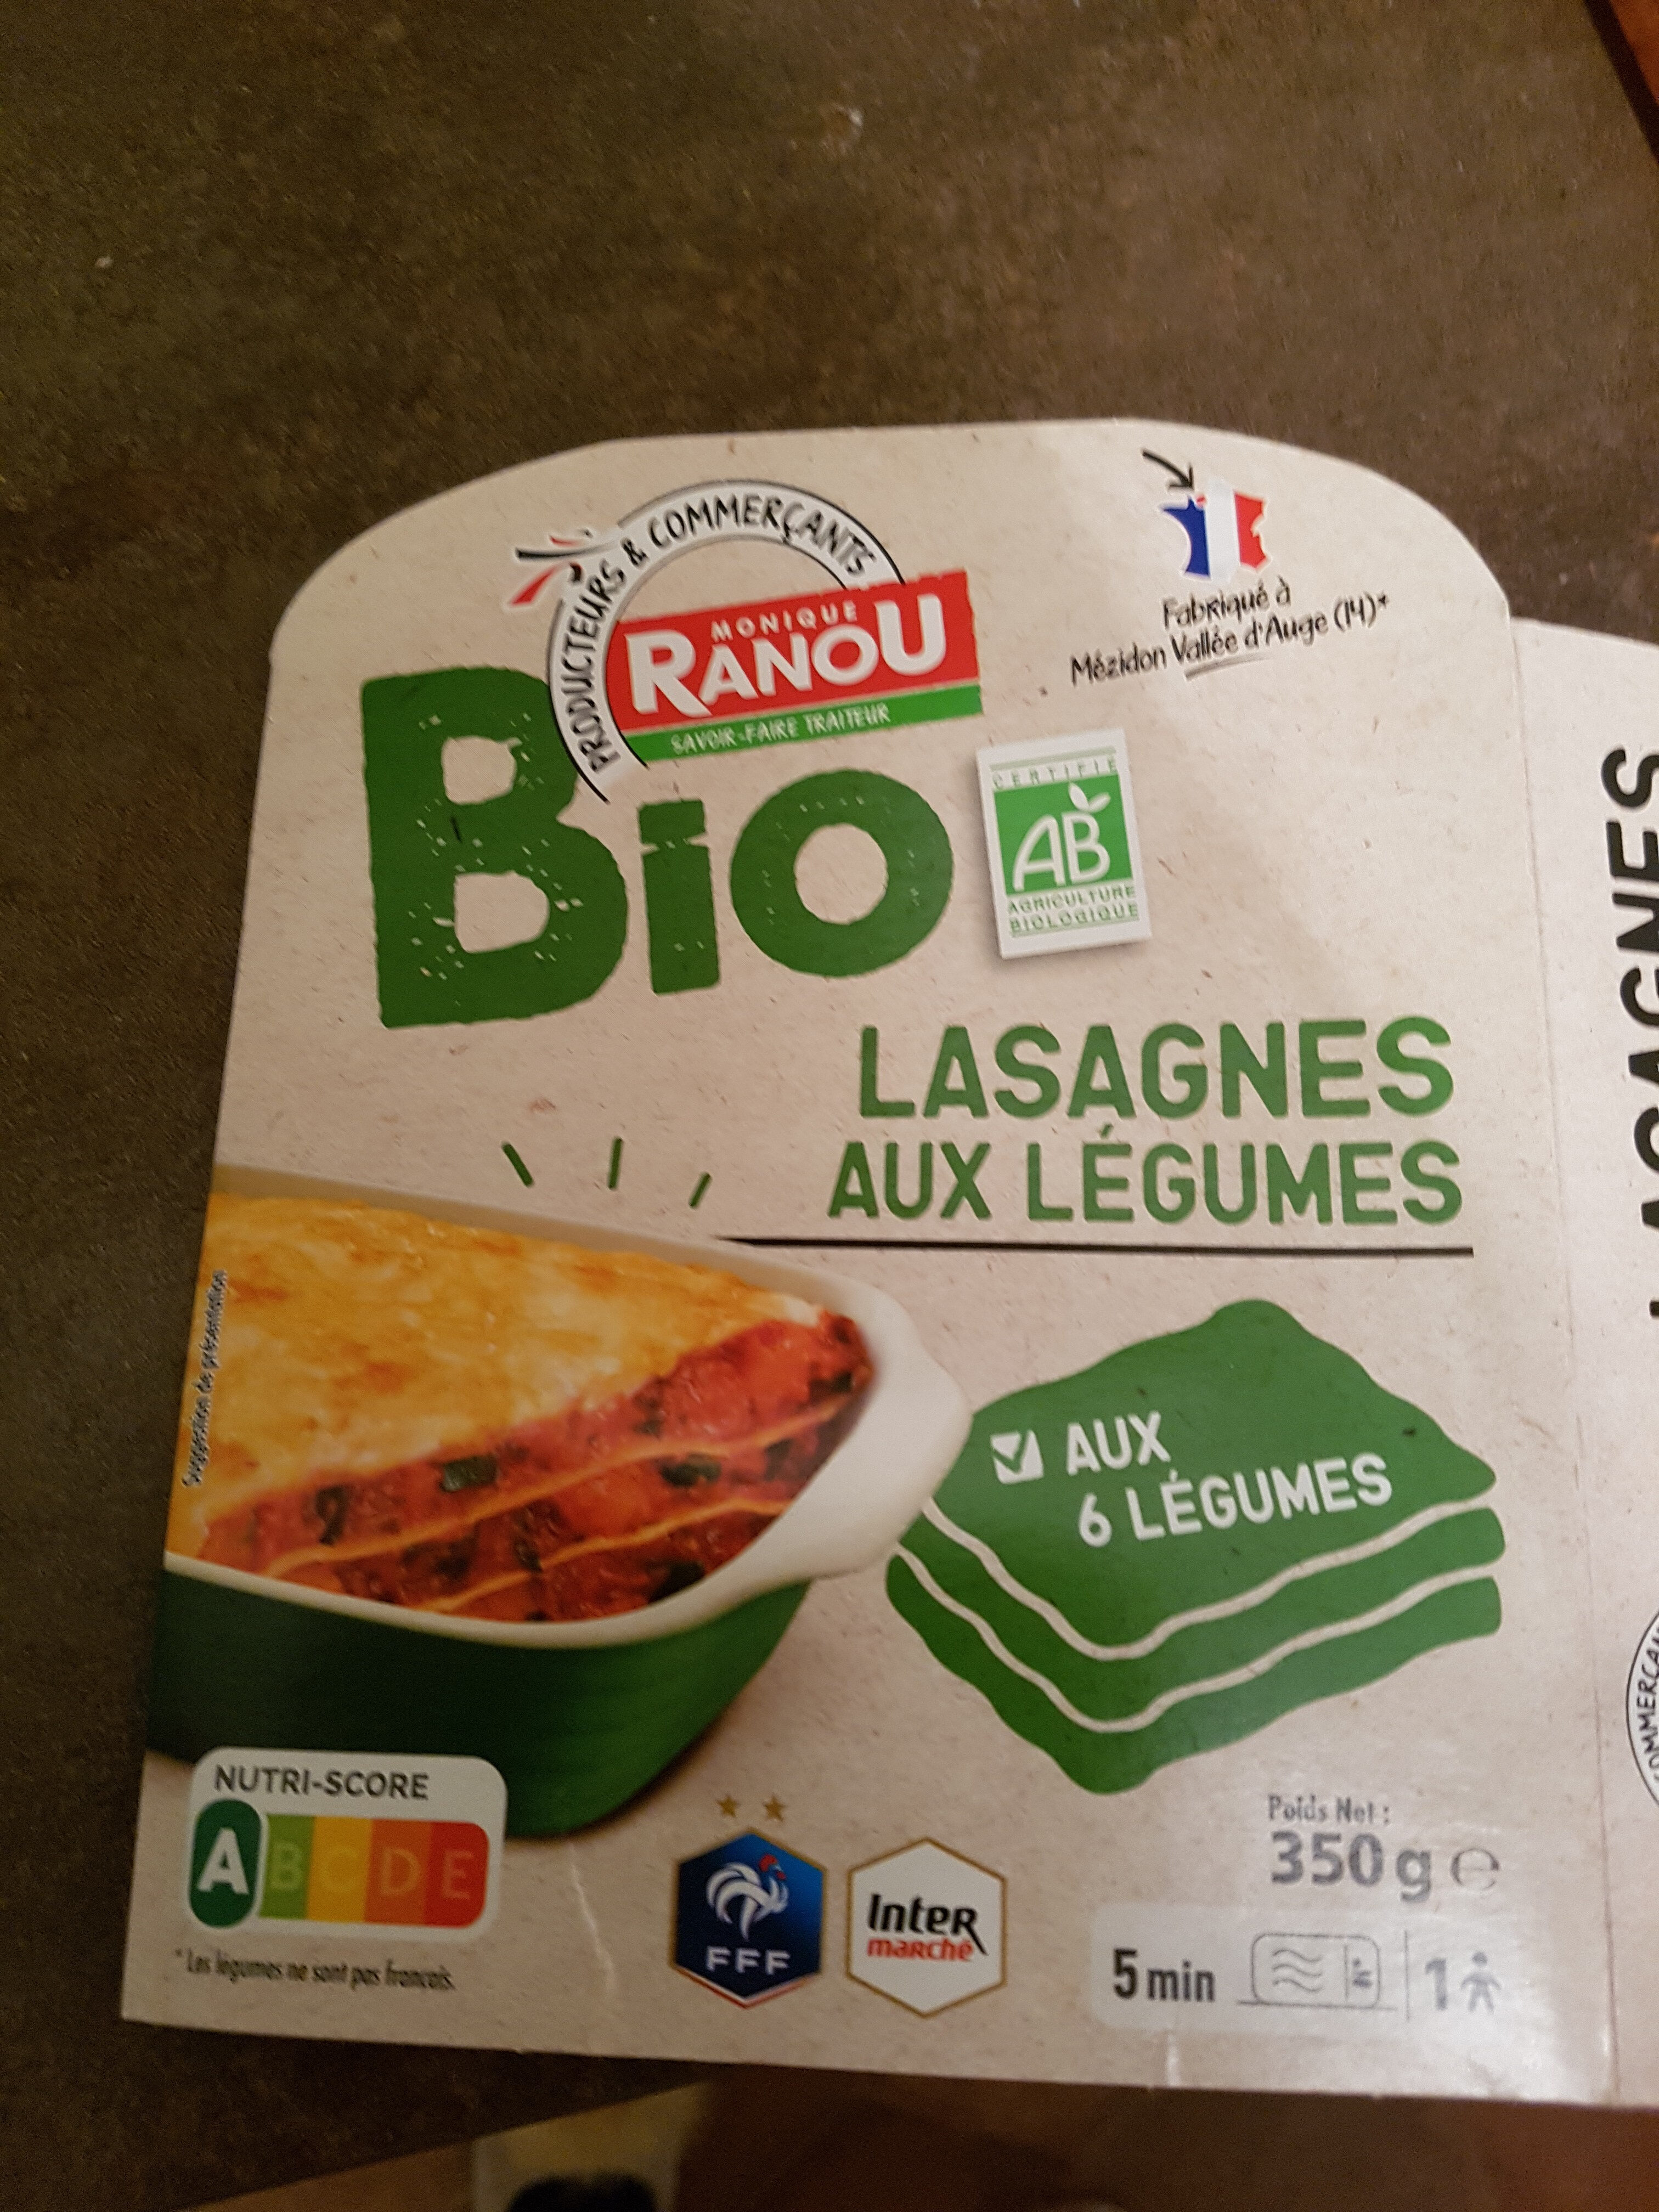 Lasagnes aux légumes - Produit - fr